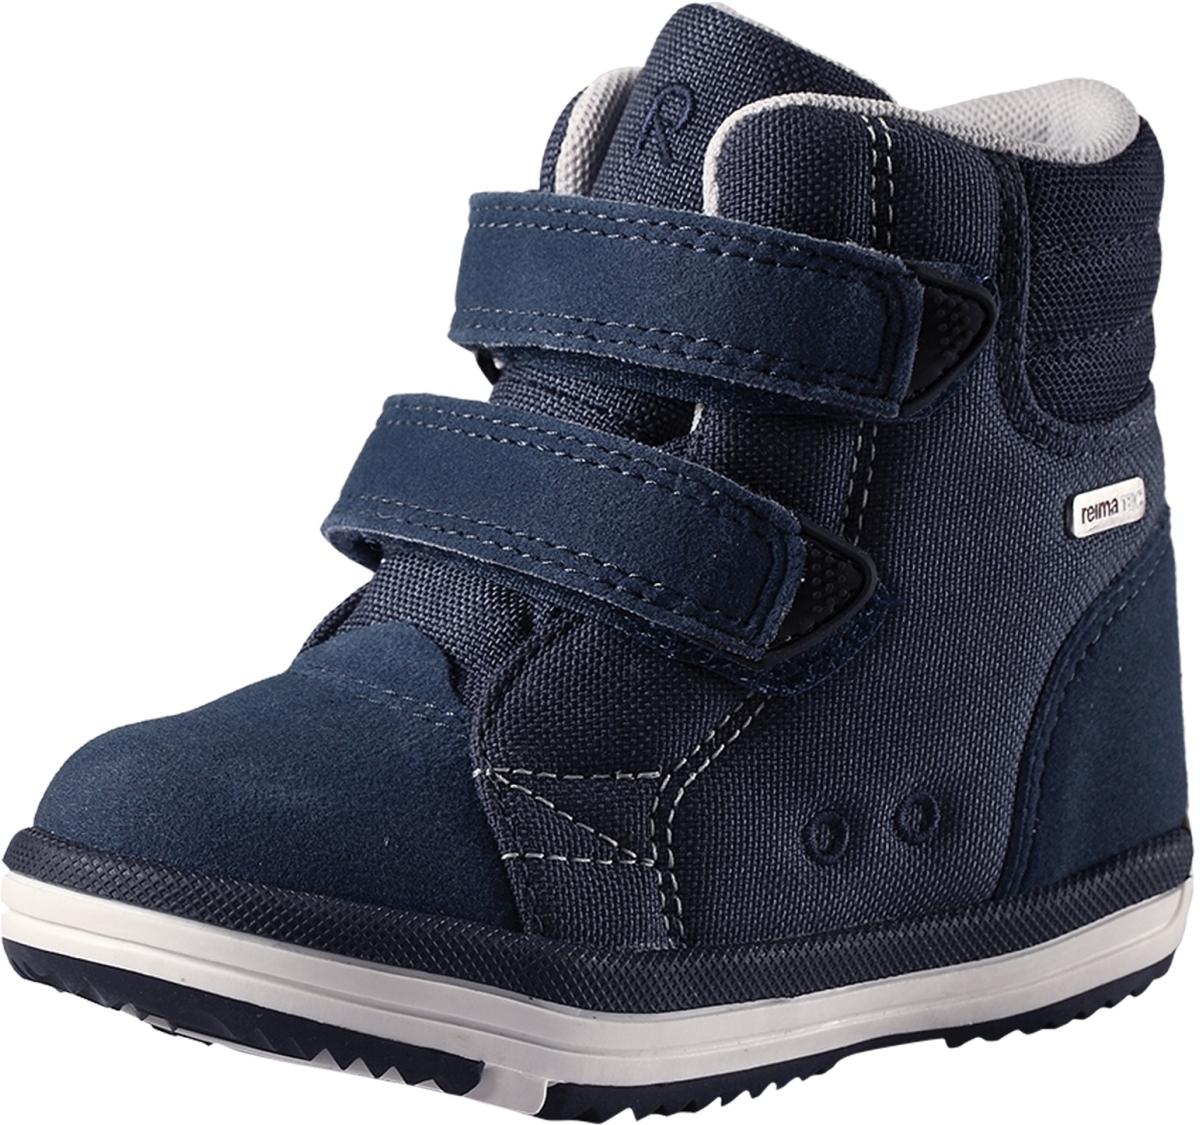 Dětské membránové boty Reima Patter - Soft blue - Skibi Kids ea222b63be